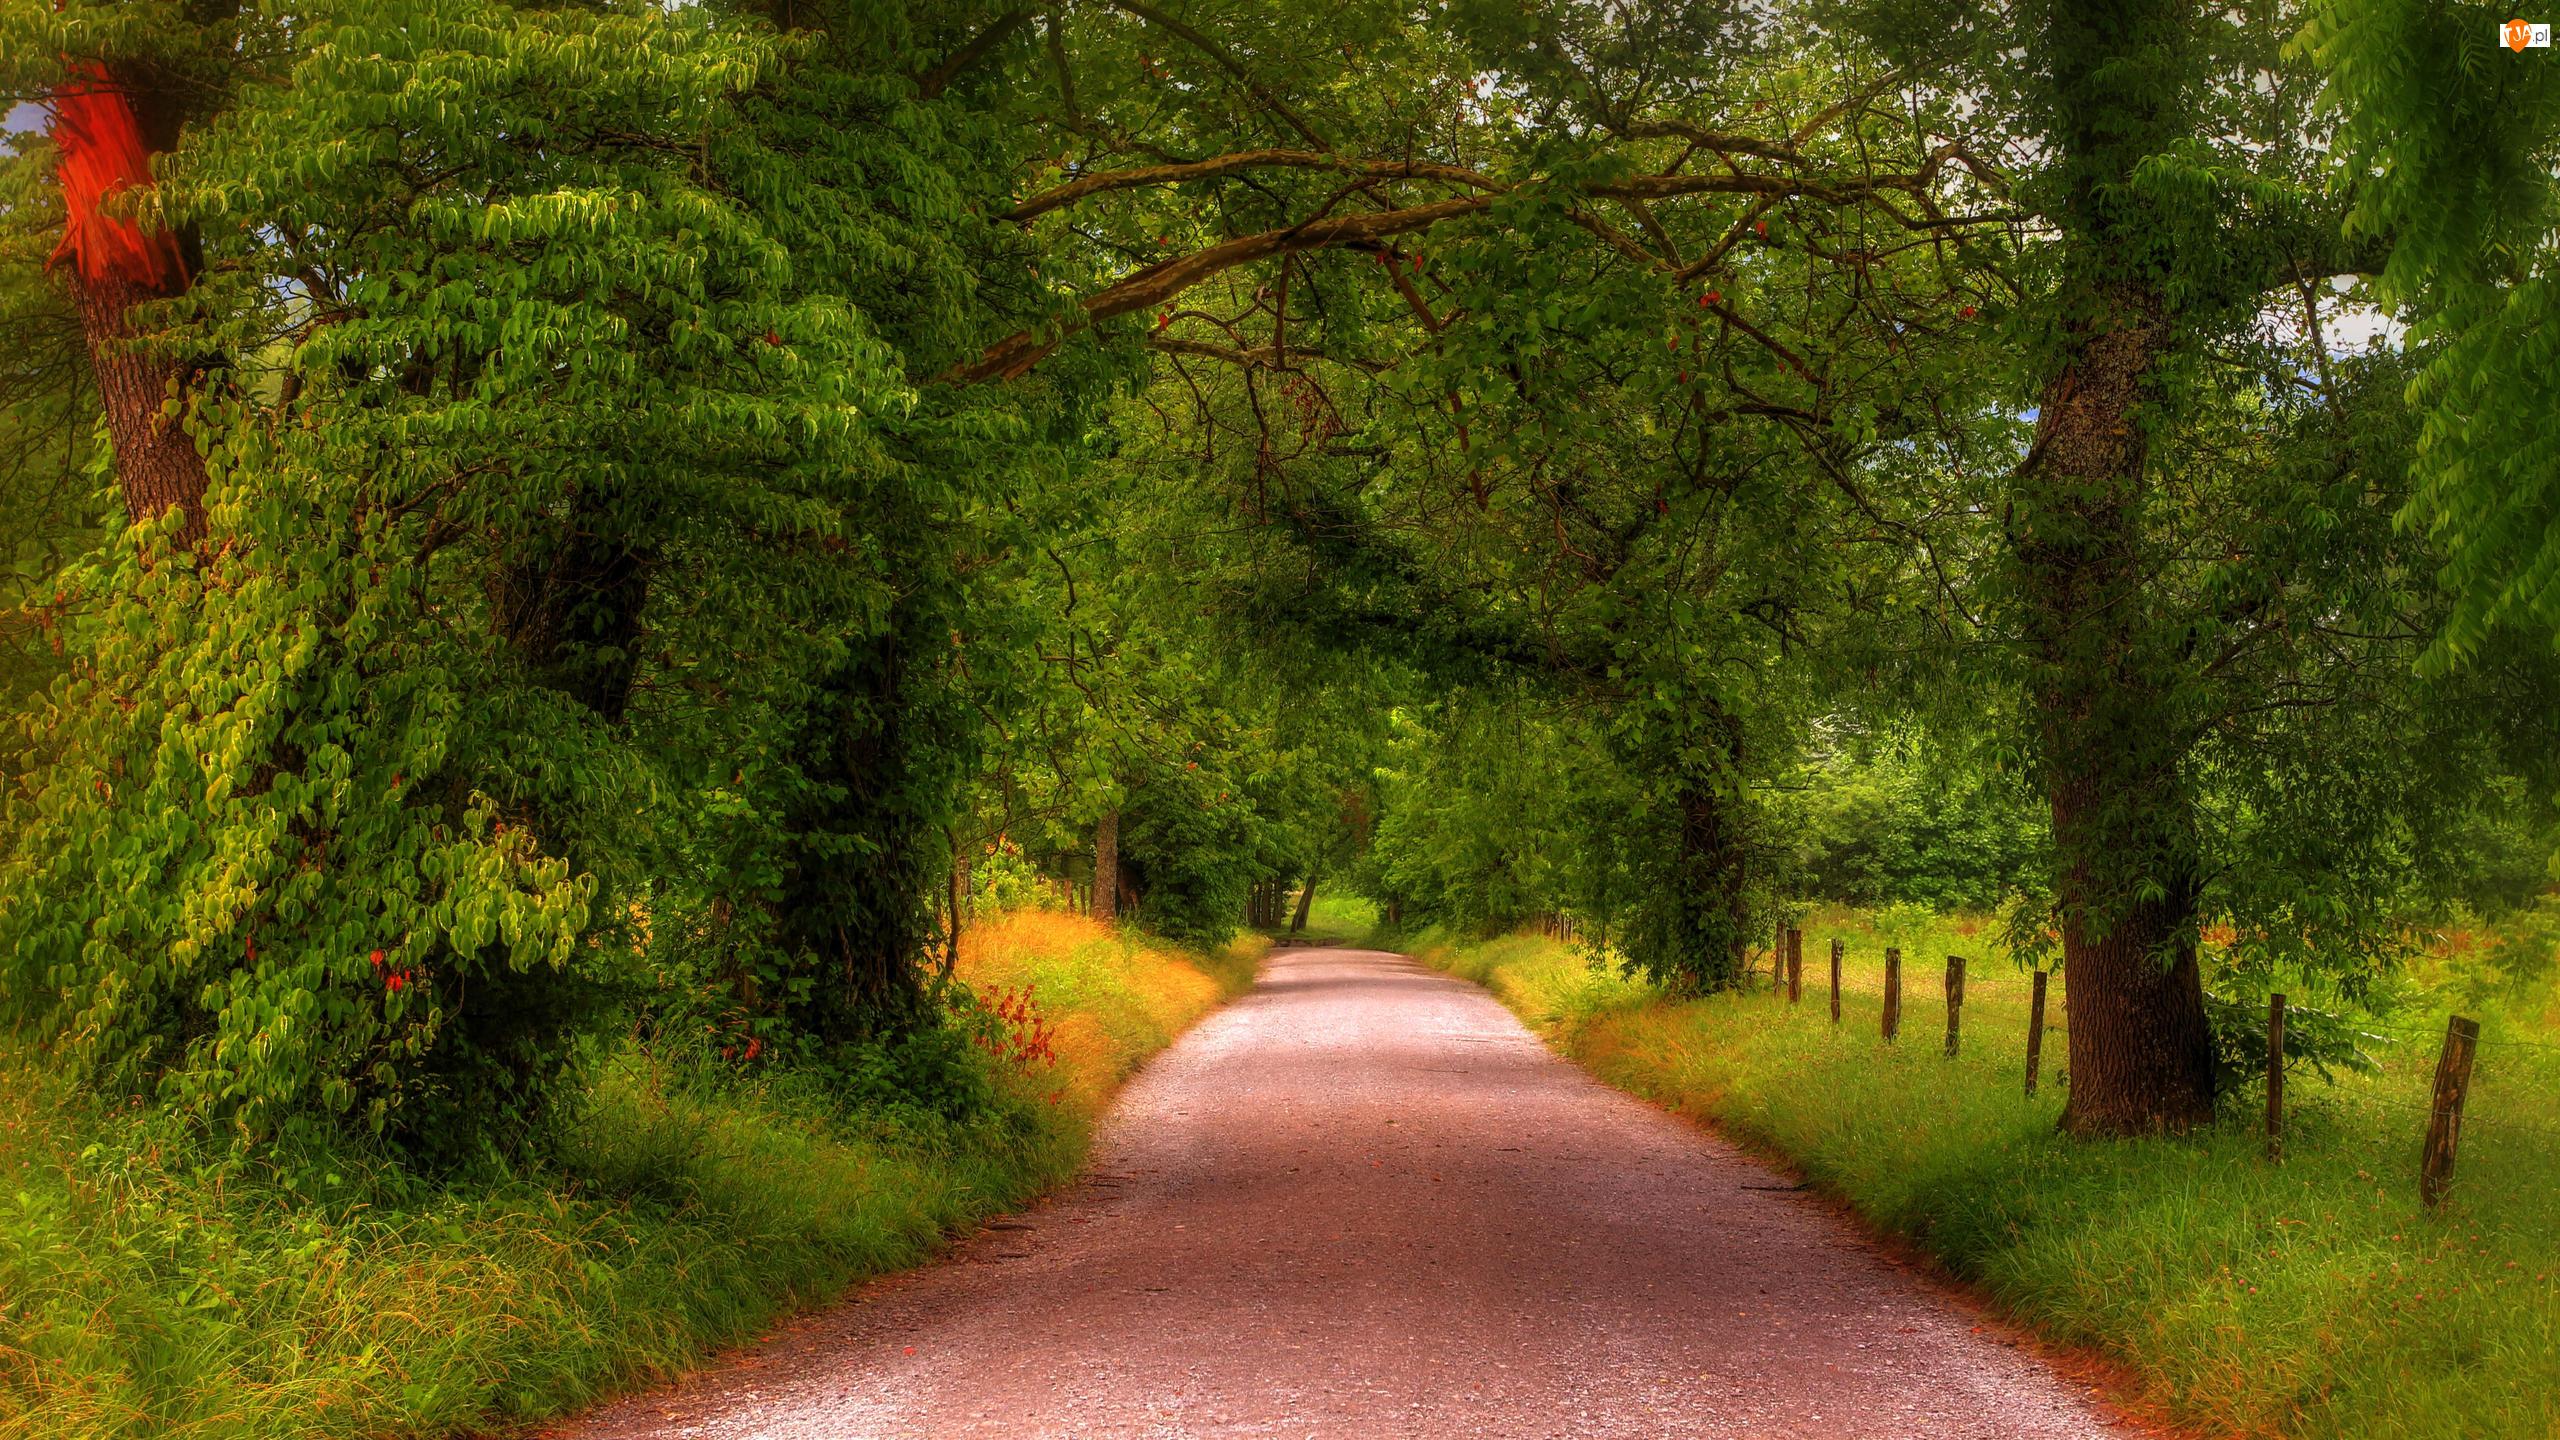 Drzewa, Las, Ogrodzenie, Zieleń, Droga, Trawa